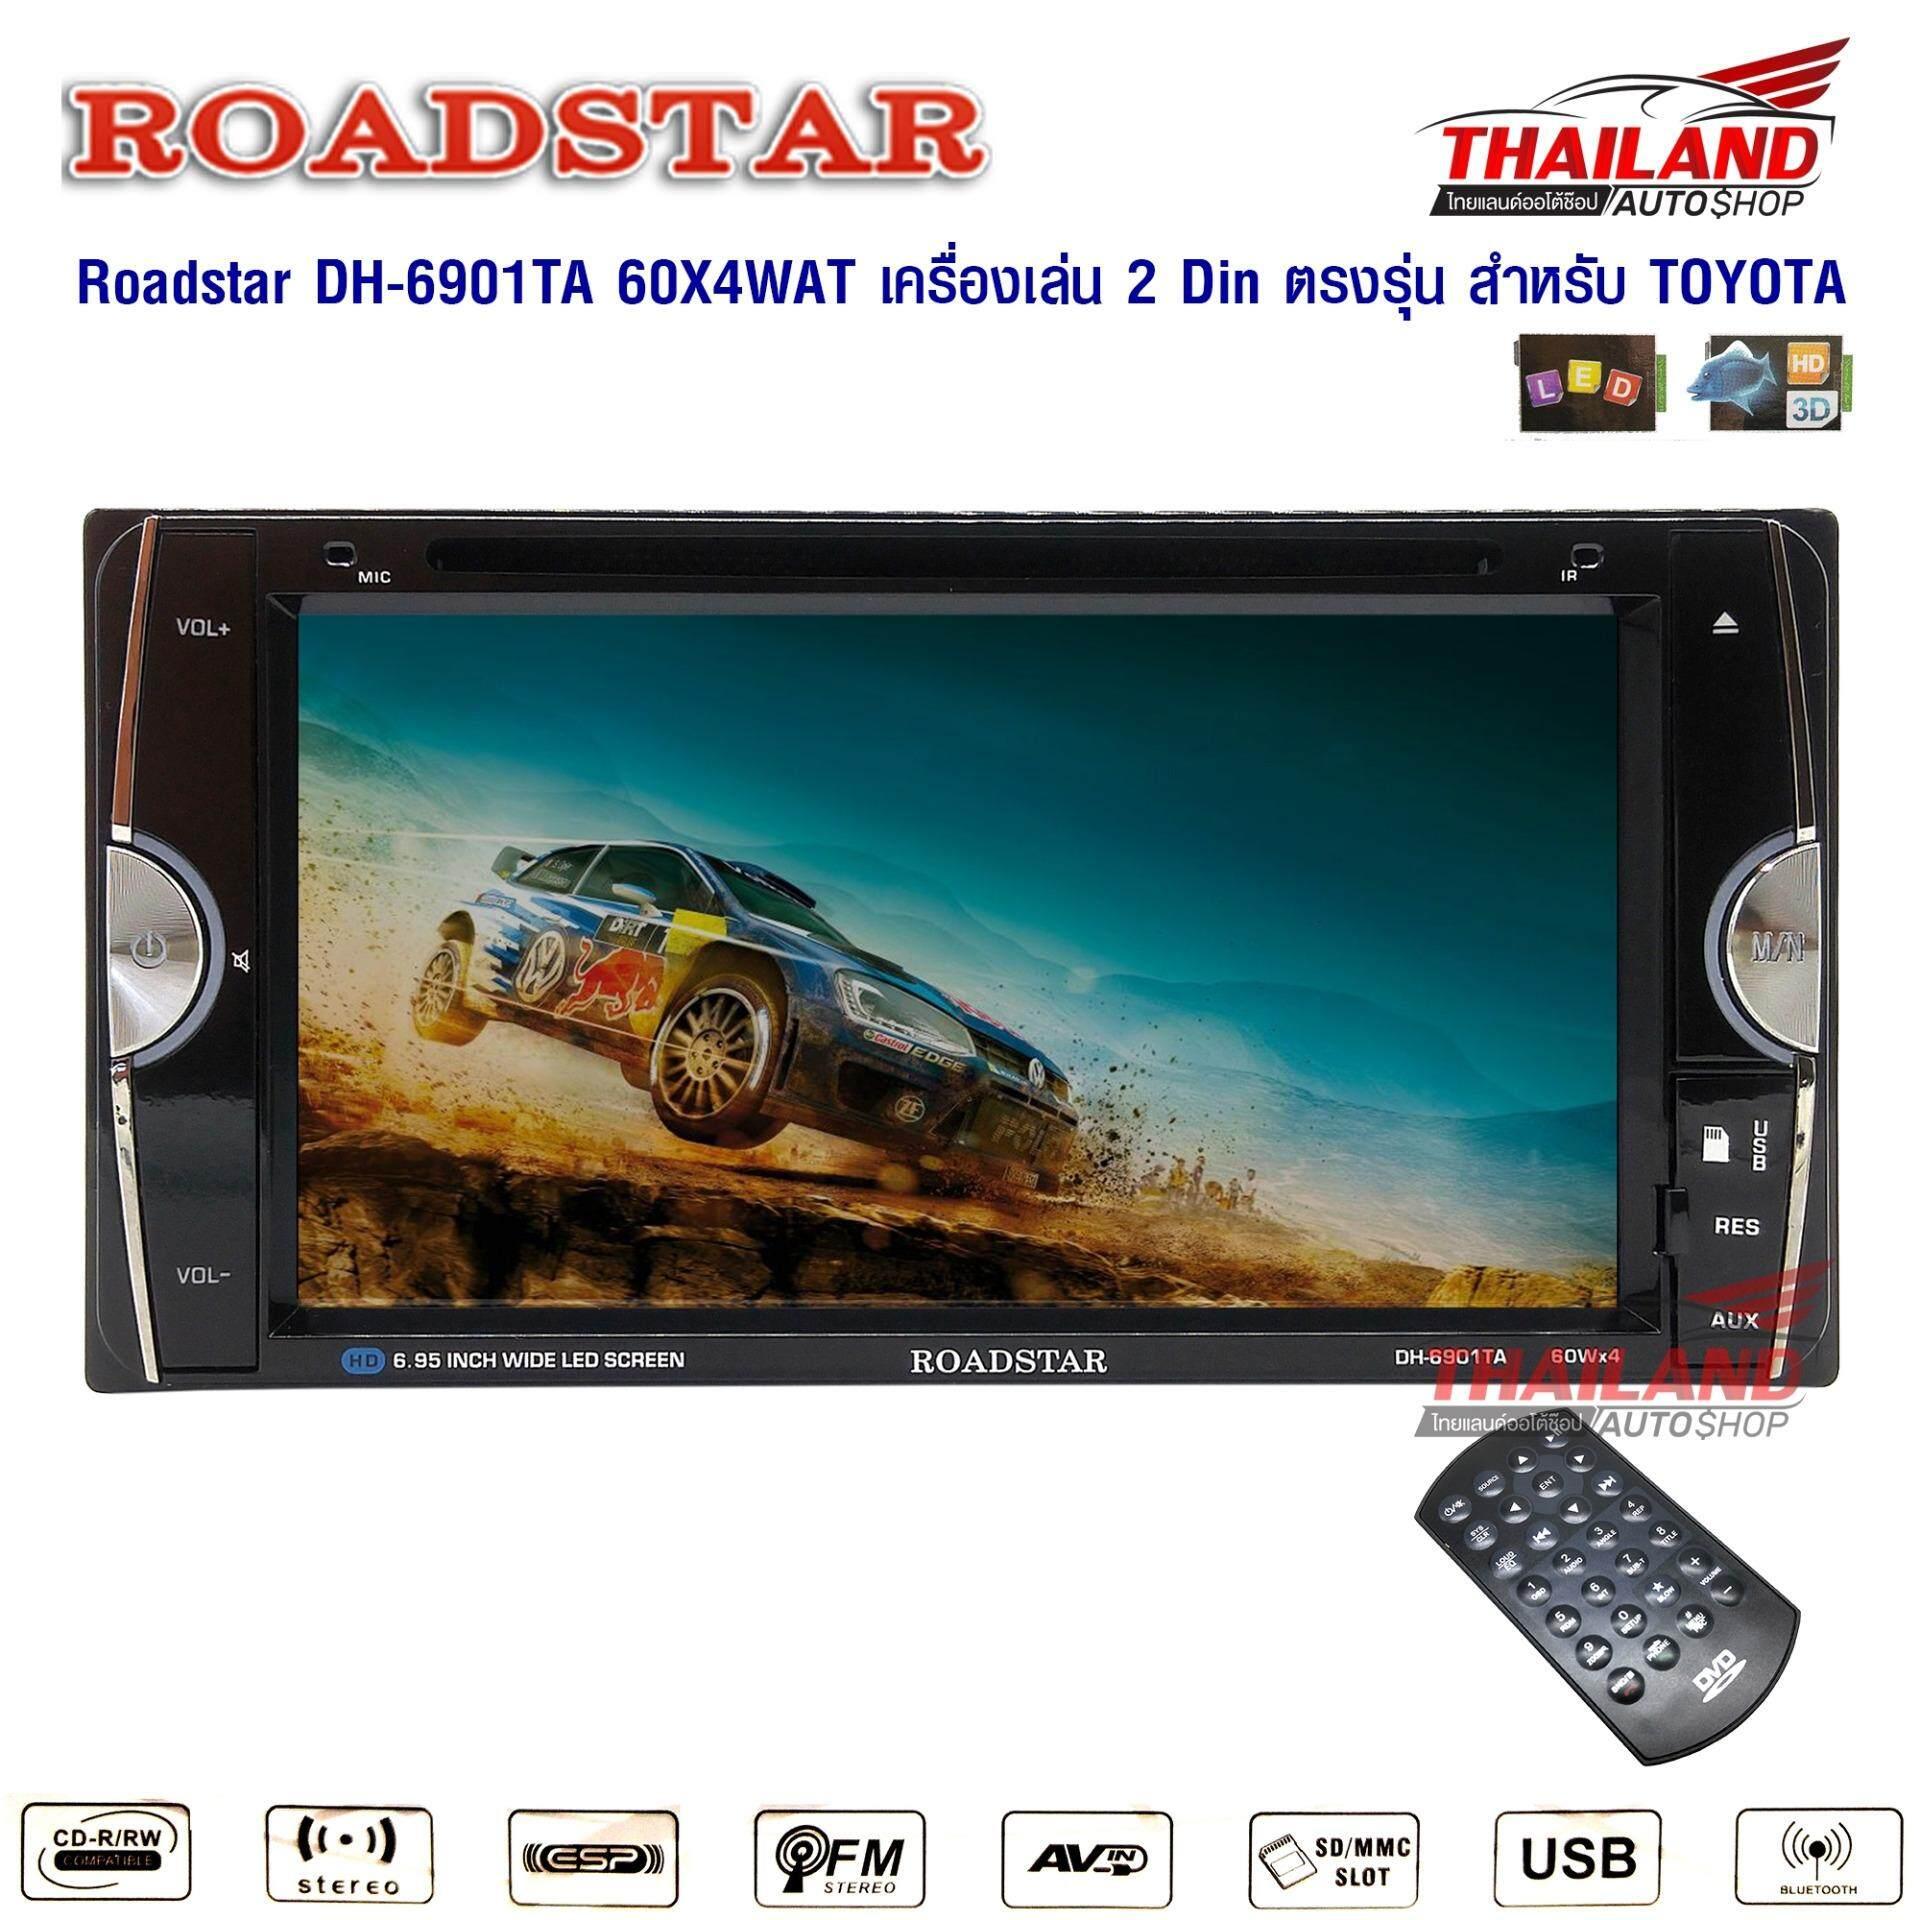 ขาย Thailand Roadstar Dh 6901Ty เครื่องเล่นติดรถยนต์พร้อมจอ สำหรับรถ Toyota ออนไลน์ กรุงเทพมหานคร